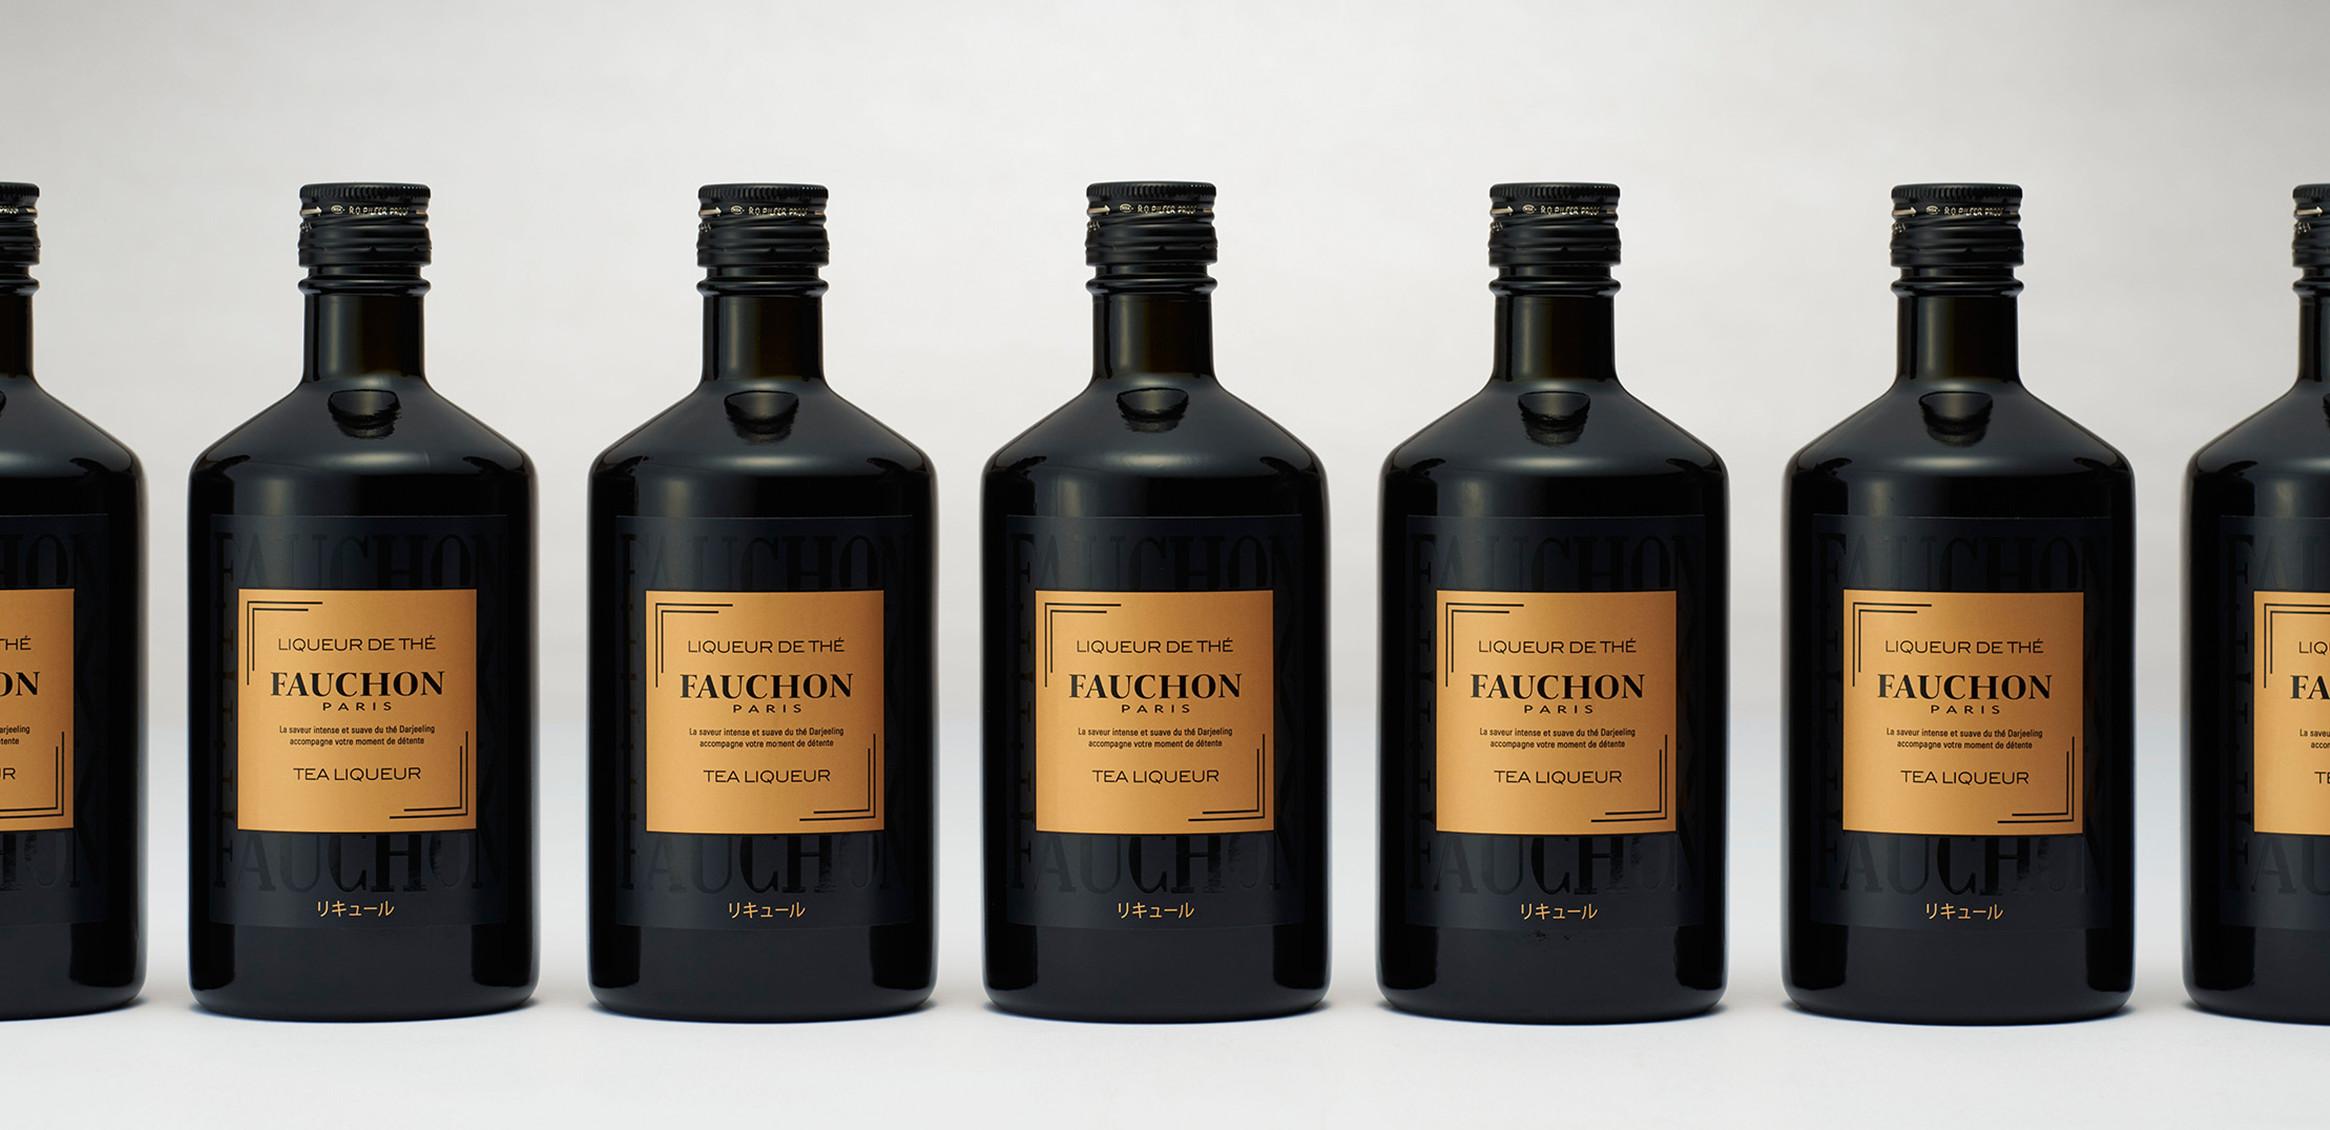 FAUCHON Tea Liqueur1枚目